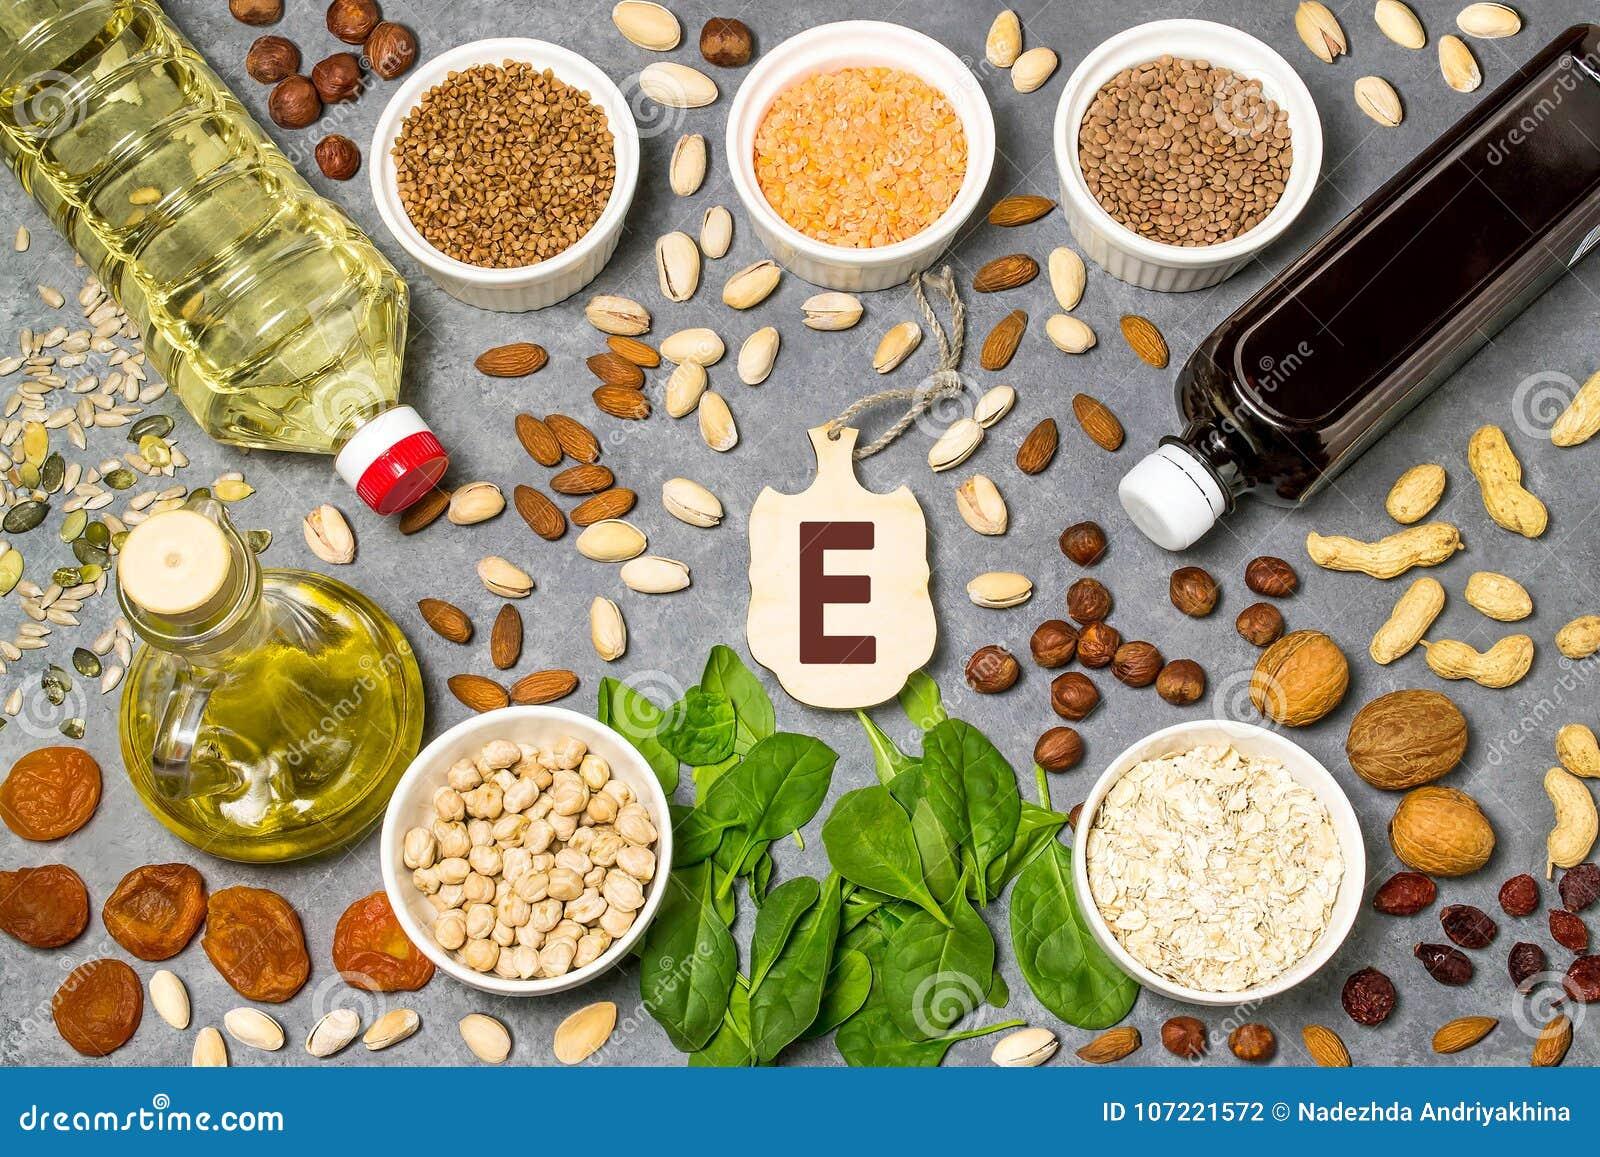 La nourriture est source de la vitamine E